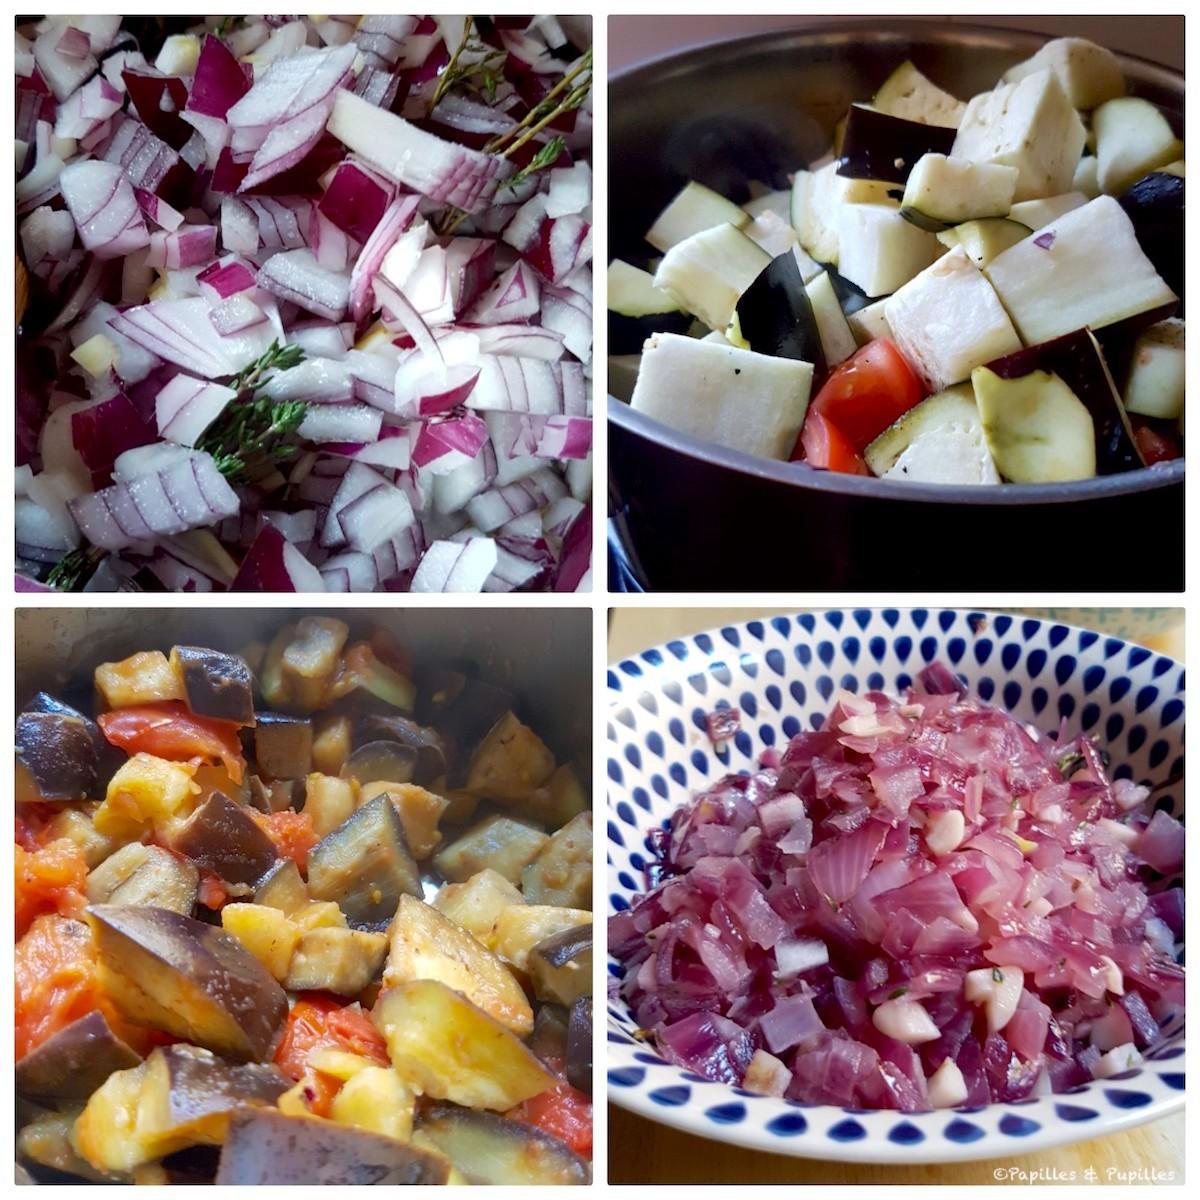 On cuit les oignons puis ensuite les aubergines tomates